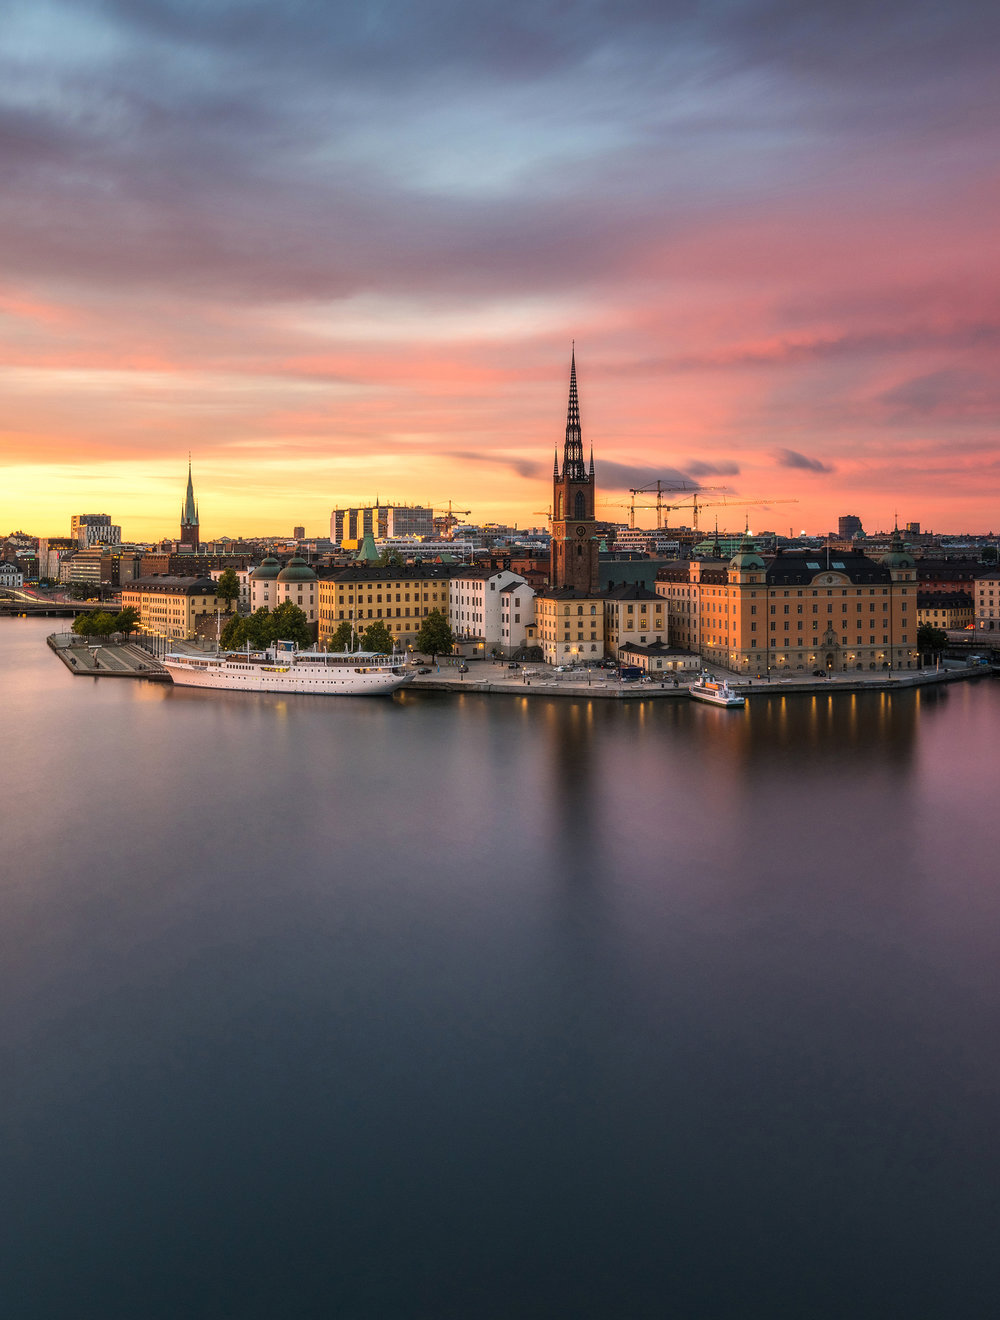 Stockholm, Sweden - 2017